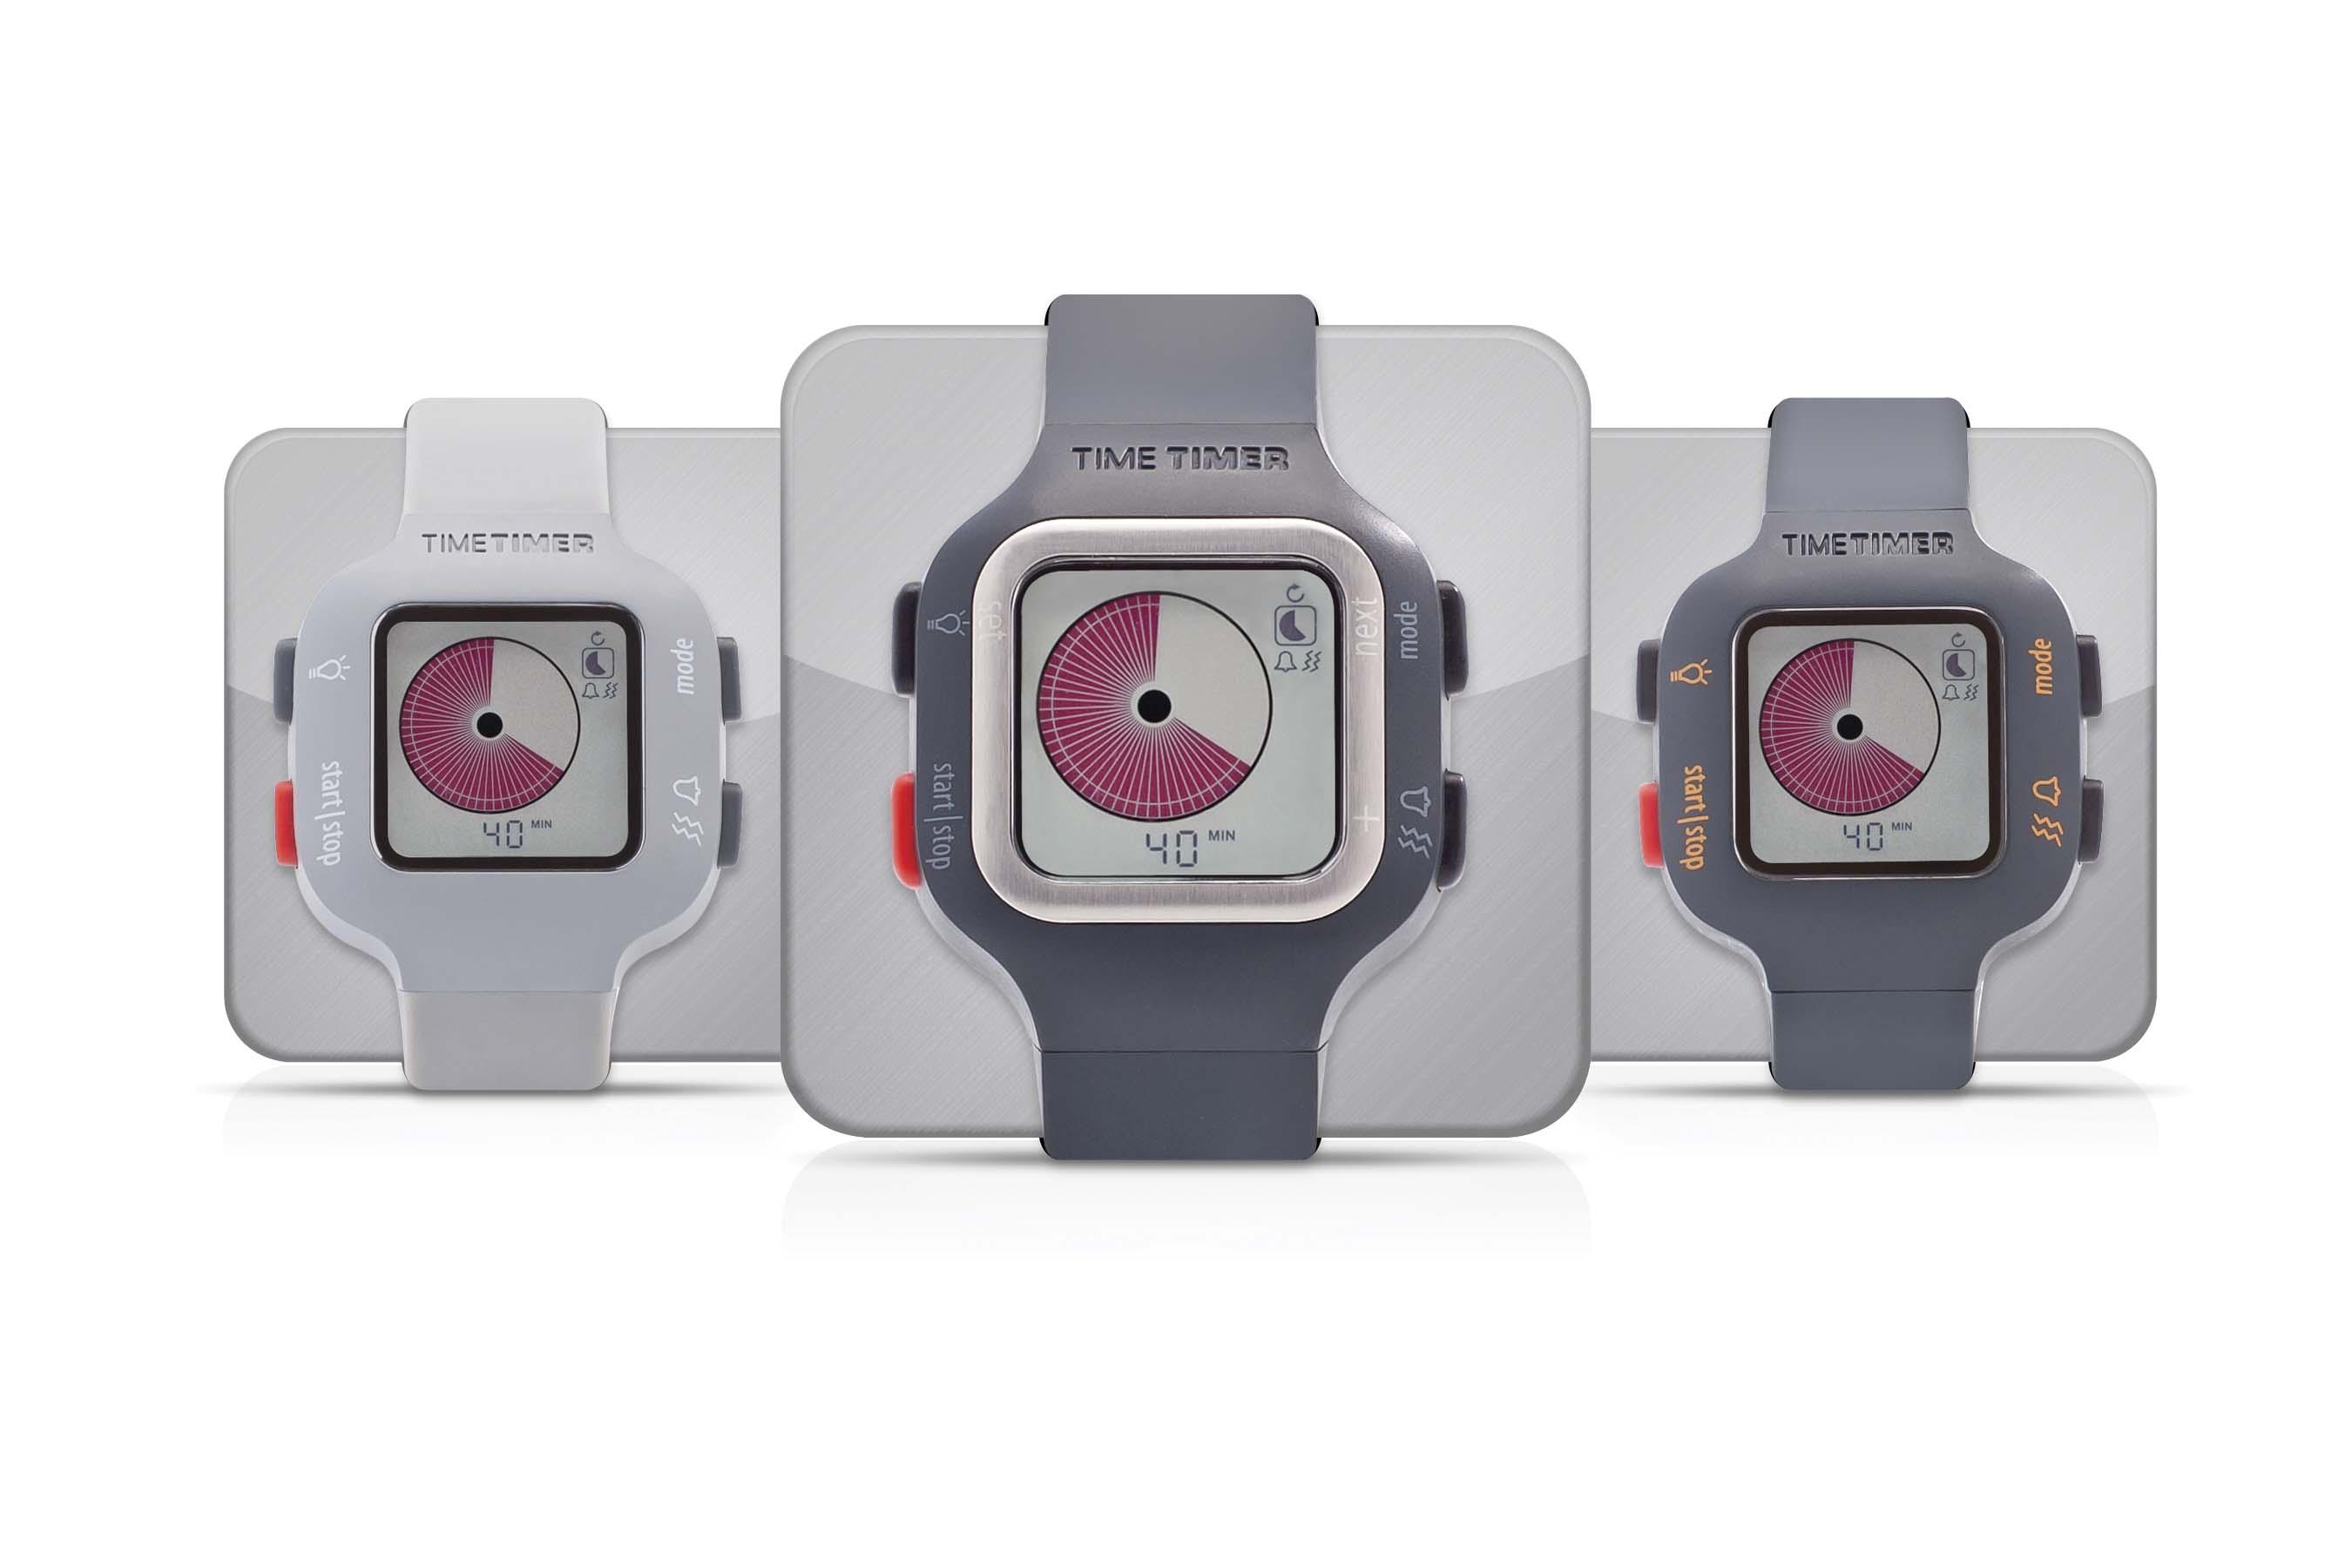 JAC5022 - JAC5023 Time Timer Watch Plus